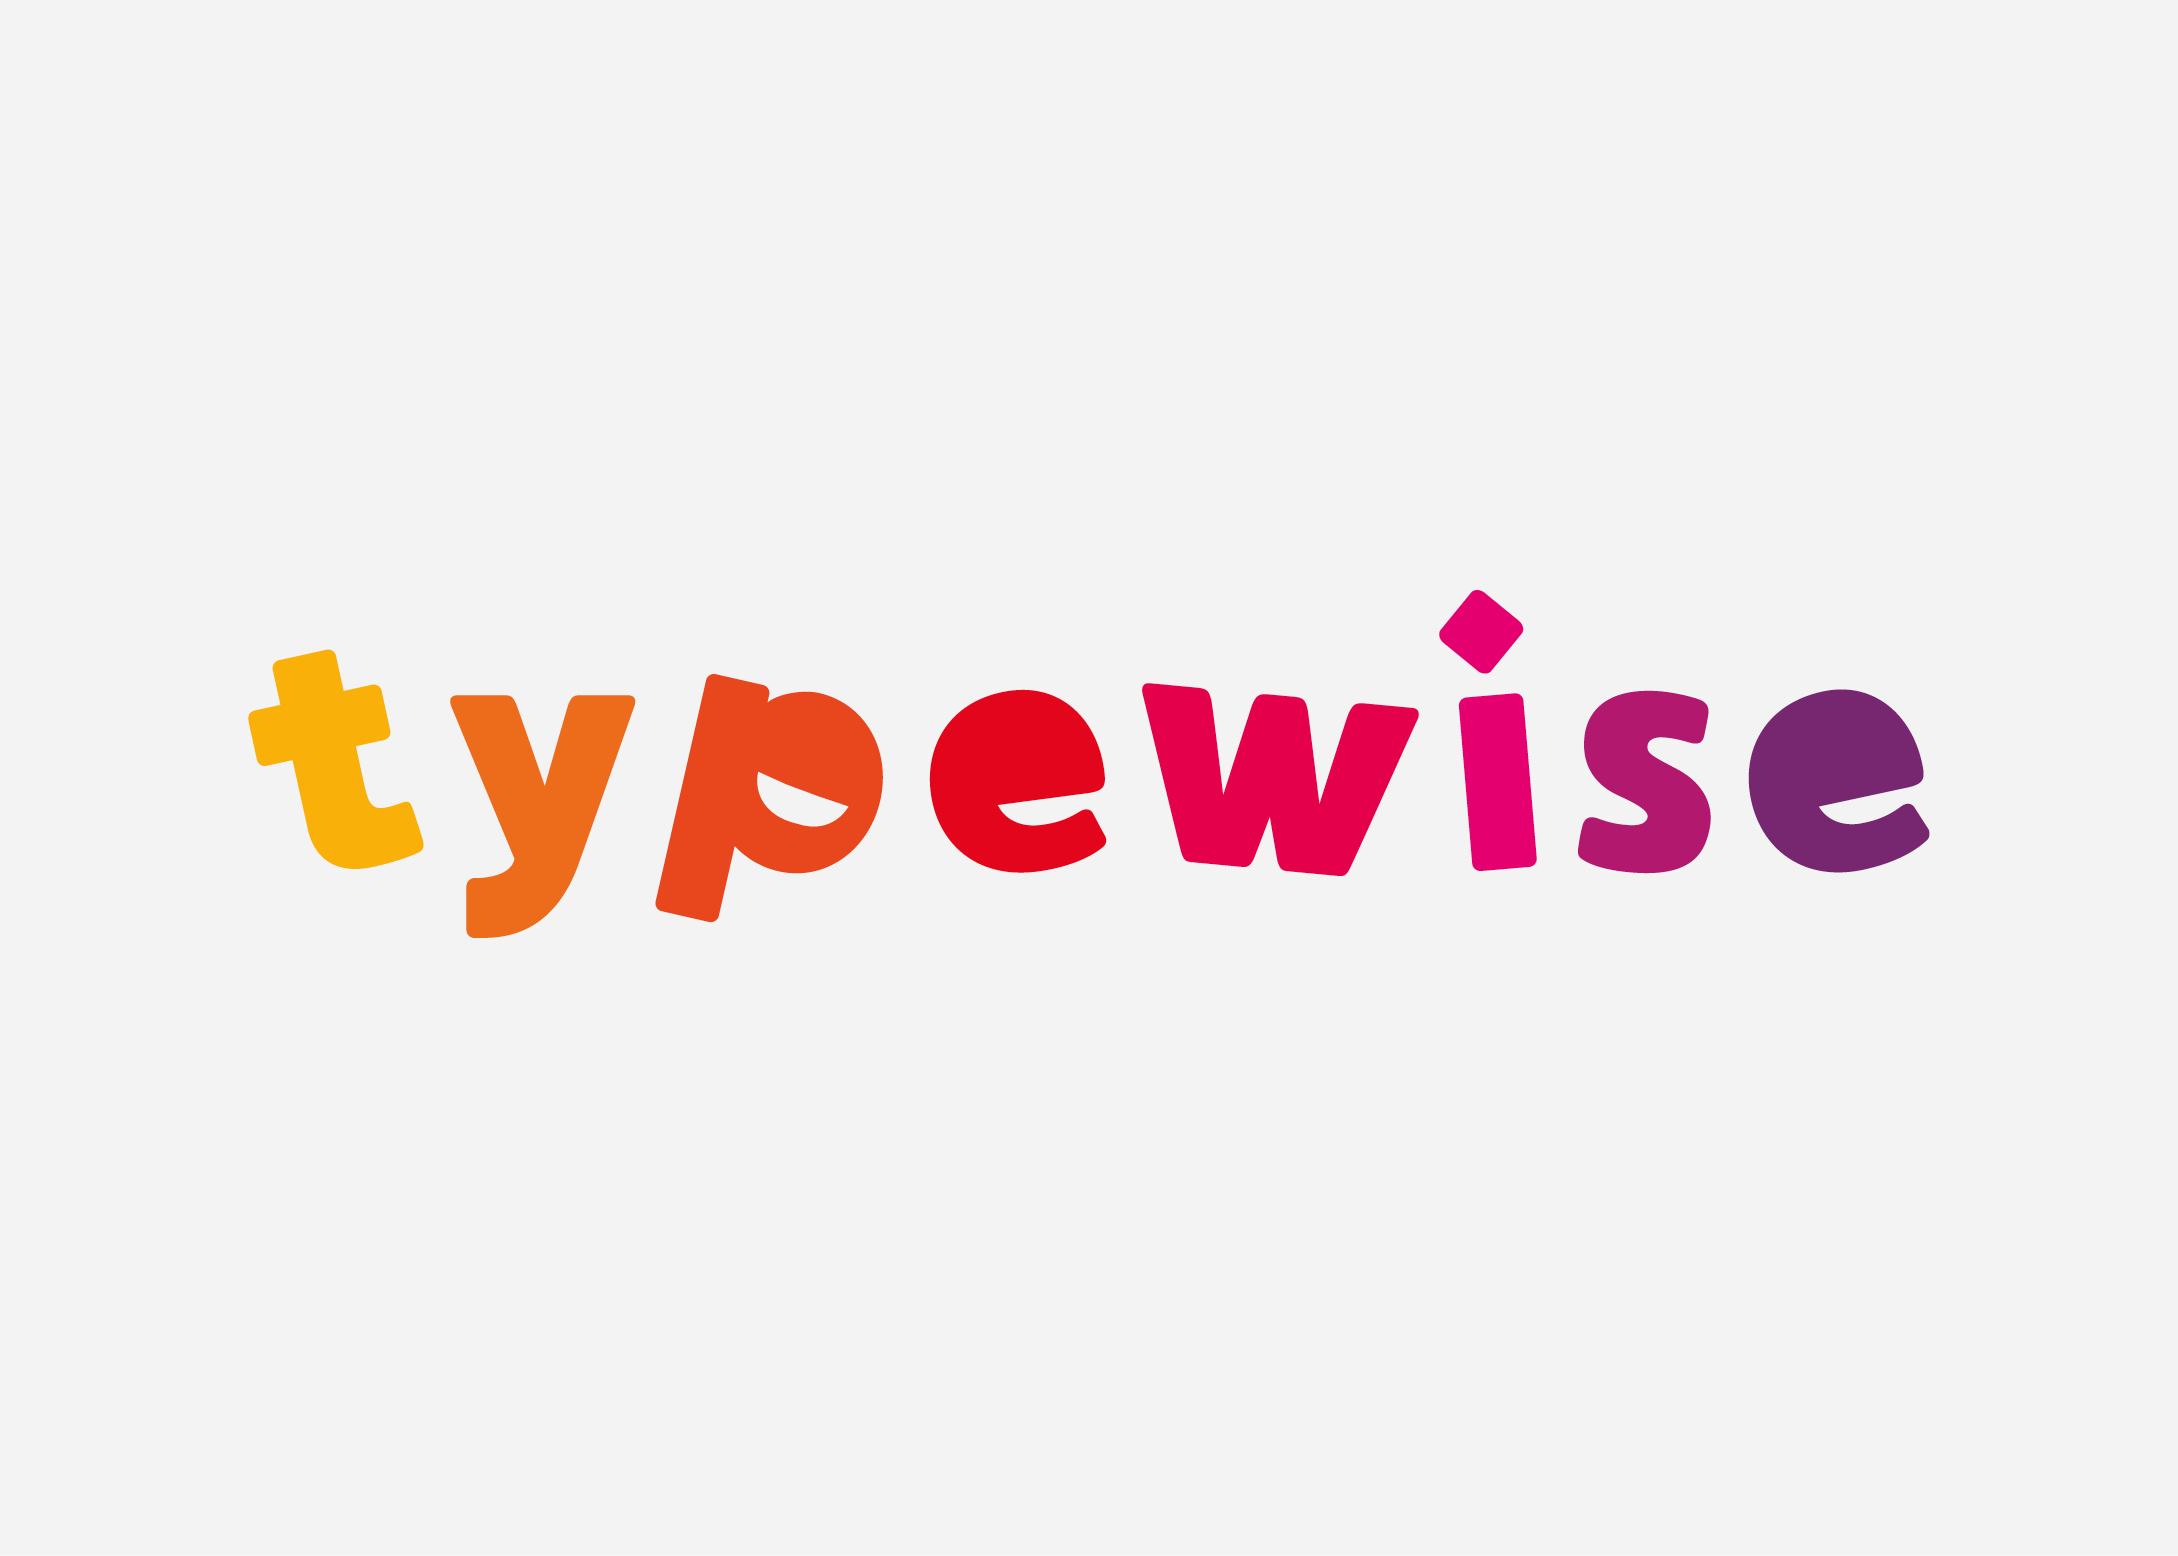 Logo nodig? Wij maakten het logo voor Typewise. Typecursus in Genemuiden, kampen ijsselmuiden. Speels logo ontwerp. Kleurrijk logo